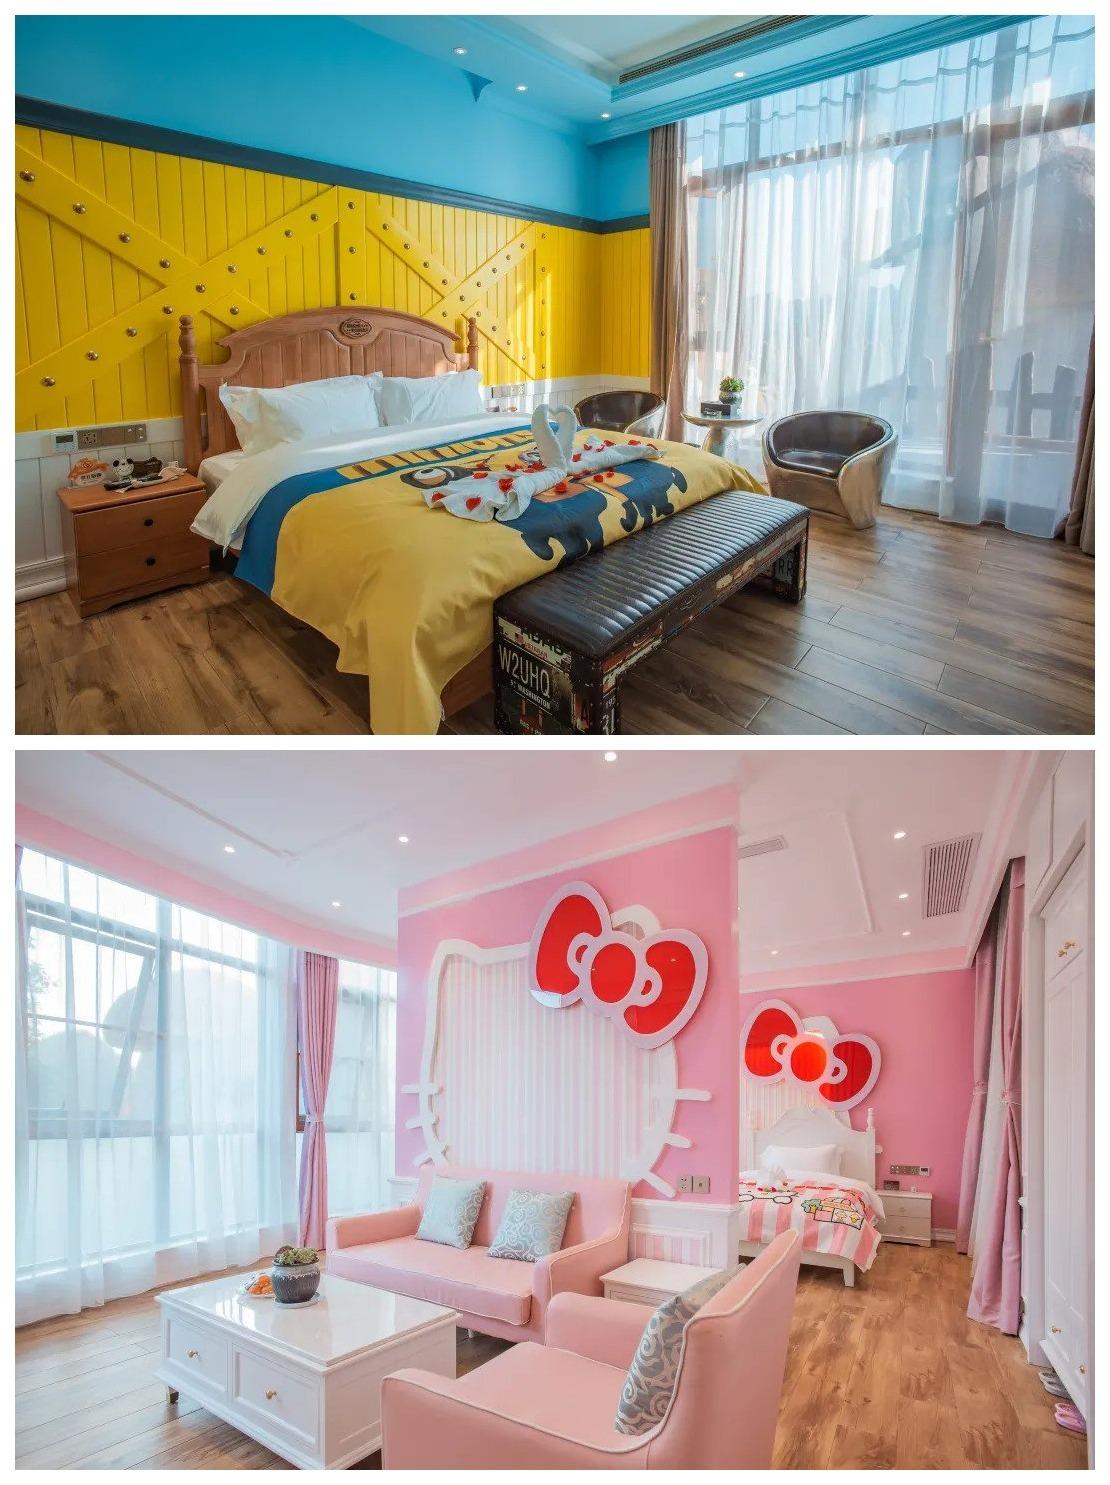 當代中國-中國旅遊-貴州旅遊-貴州-貴州蘑菇酒店-02